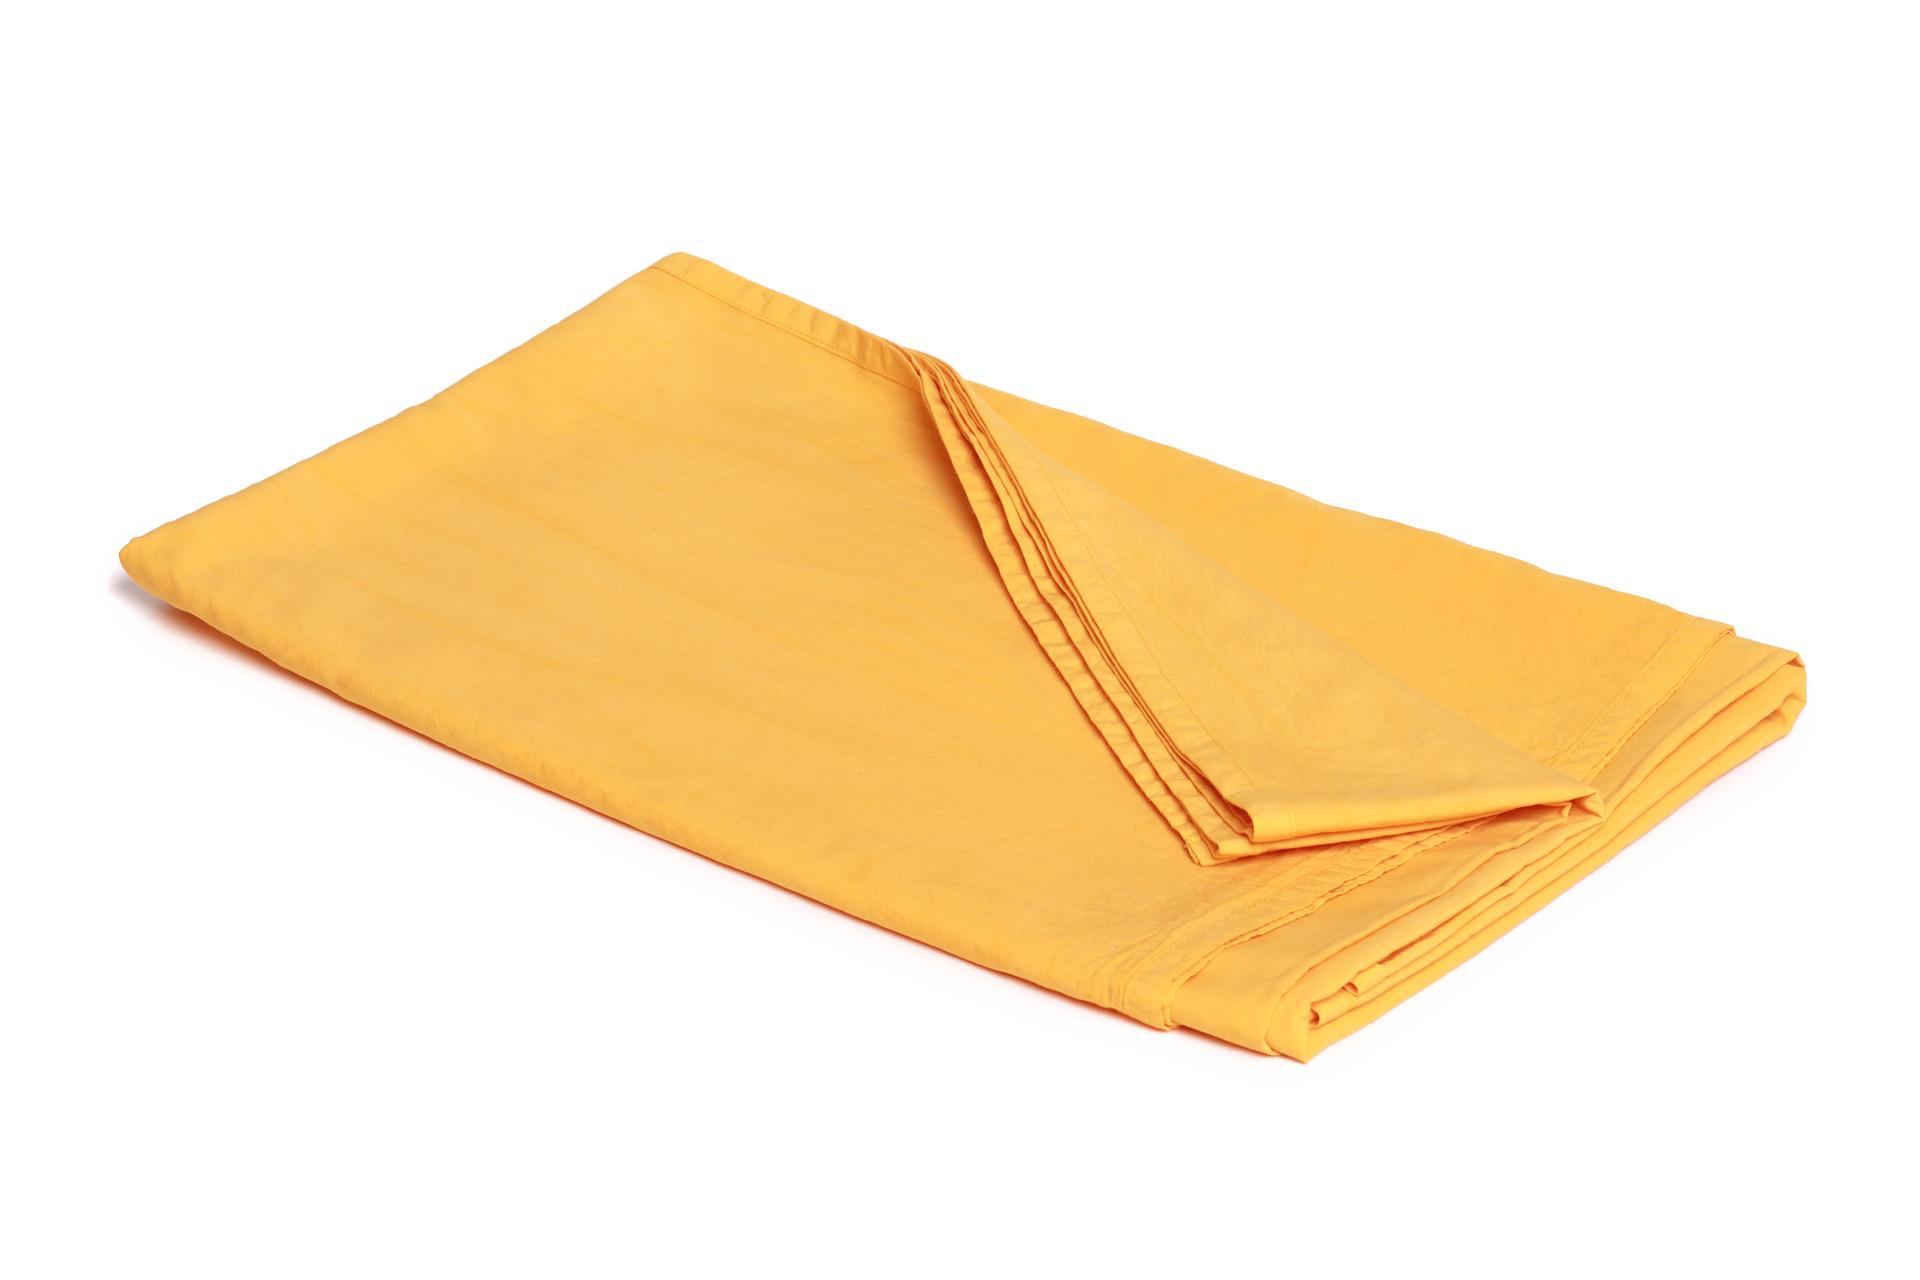 langes-Spieltuch-orange-fuer-Spielhaus-ksg